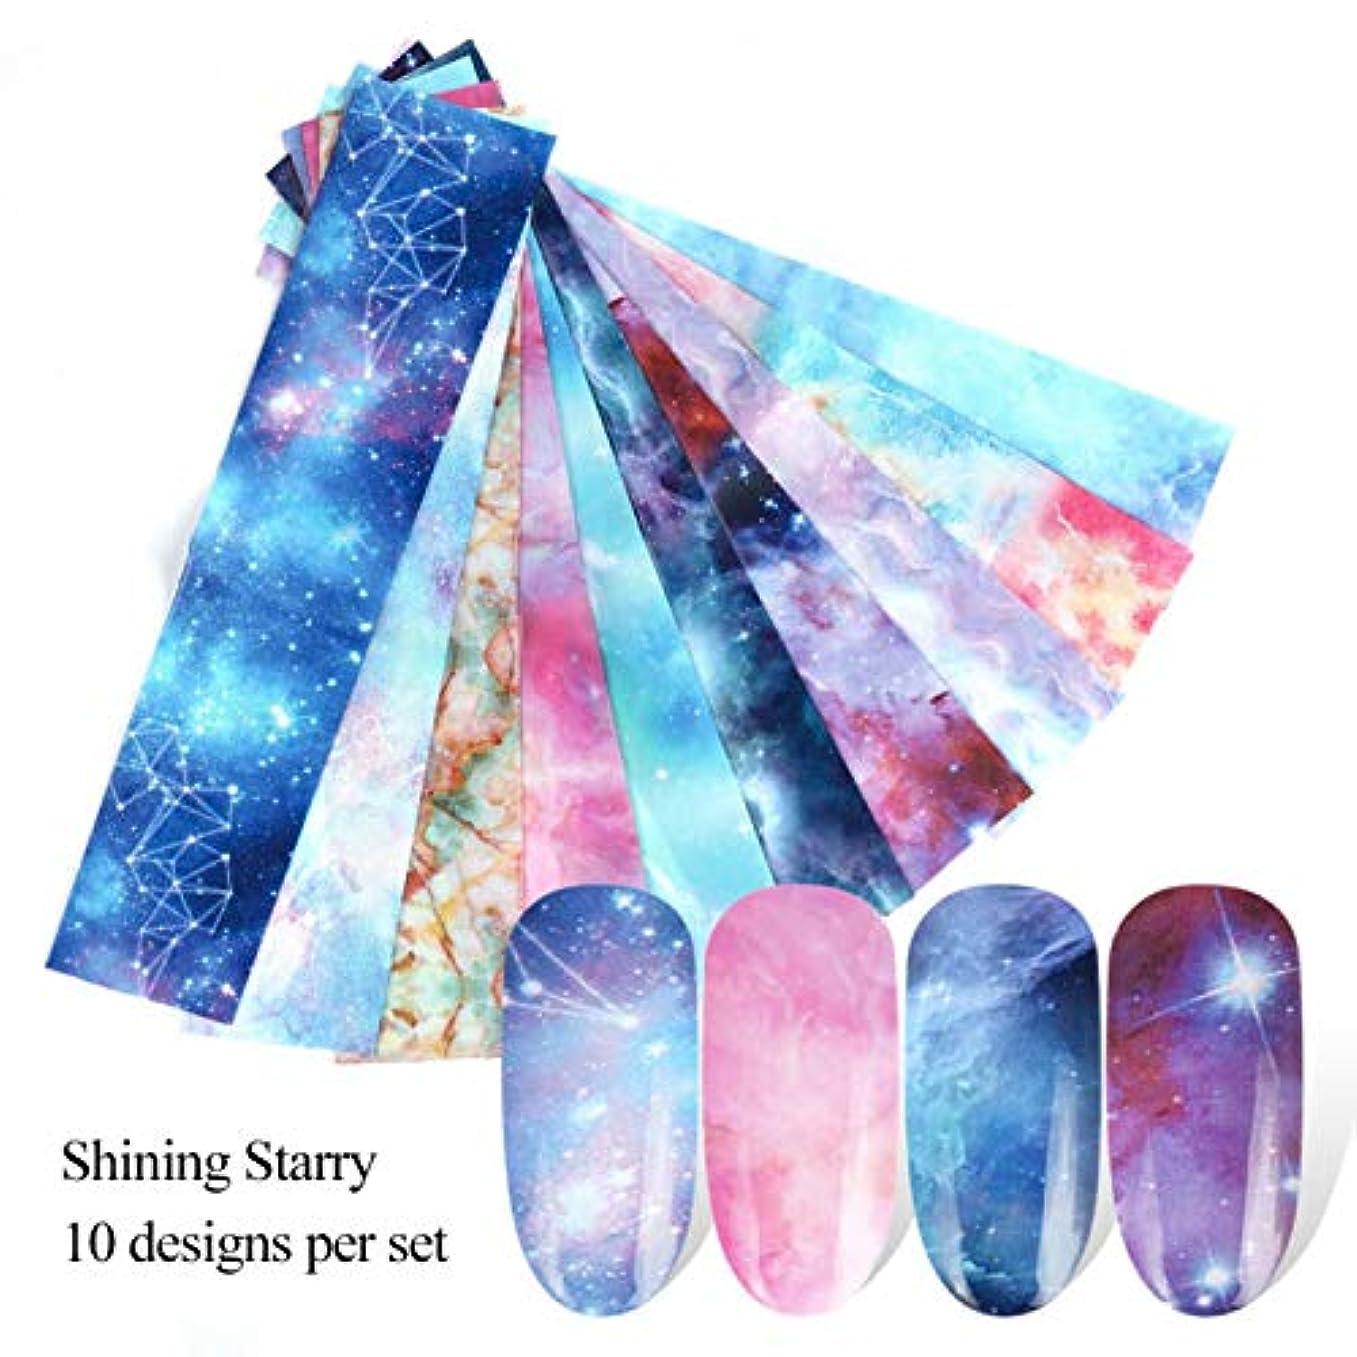 アトラス給料証明する10枚セットホログラフィック星空ネイルアートステッカーネイルアートデカールクラシック星空大理石星空シャイニング星空